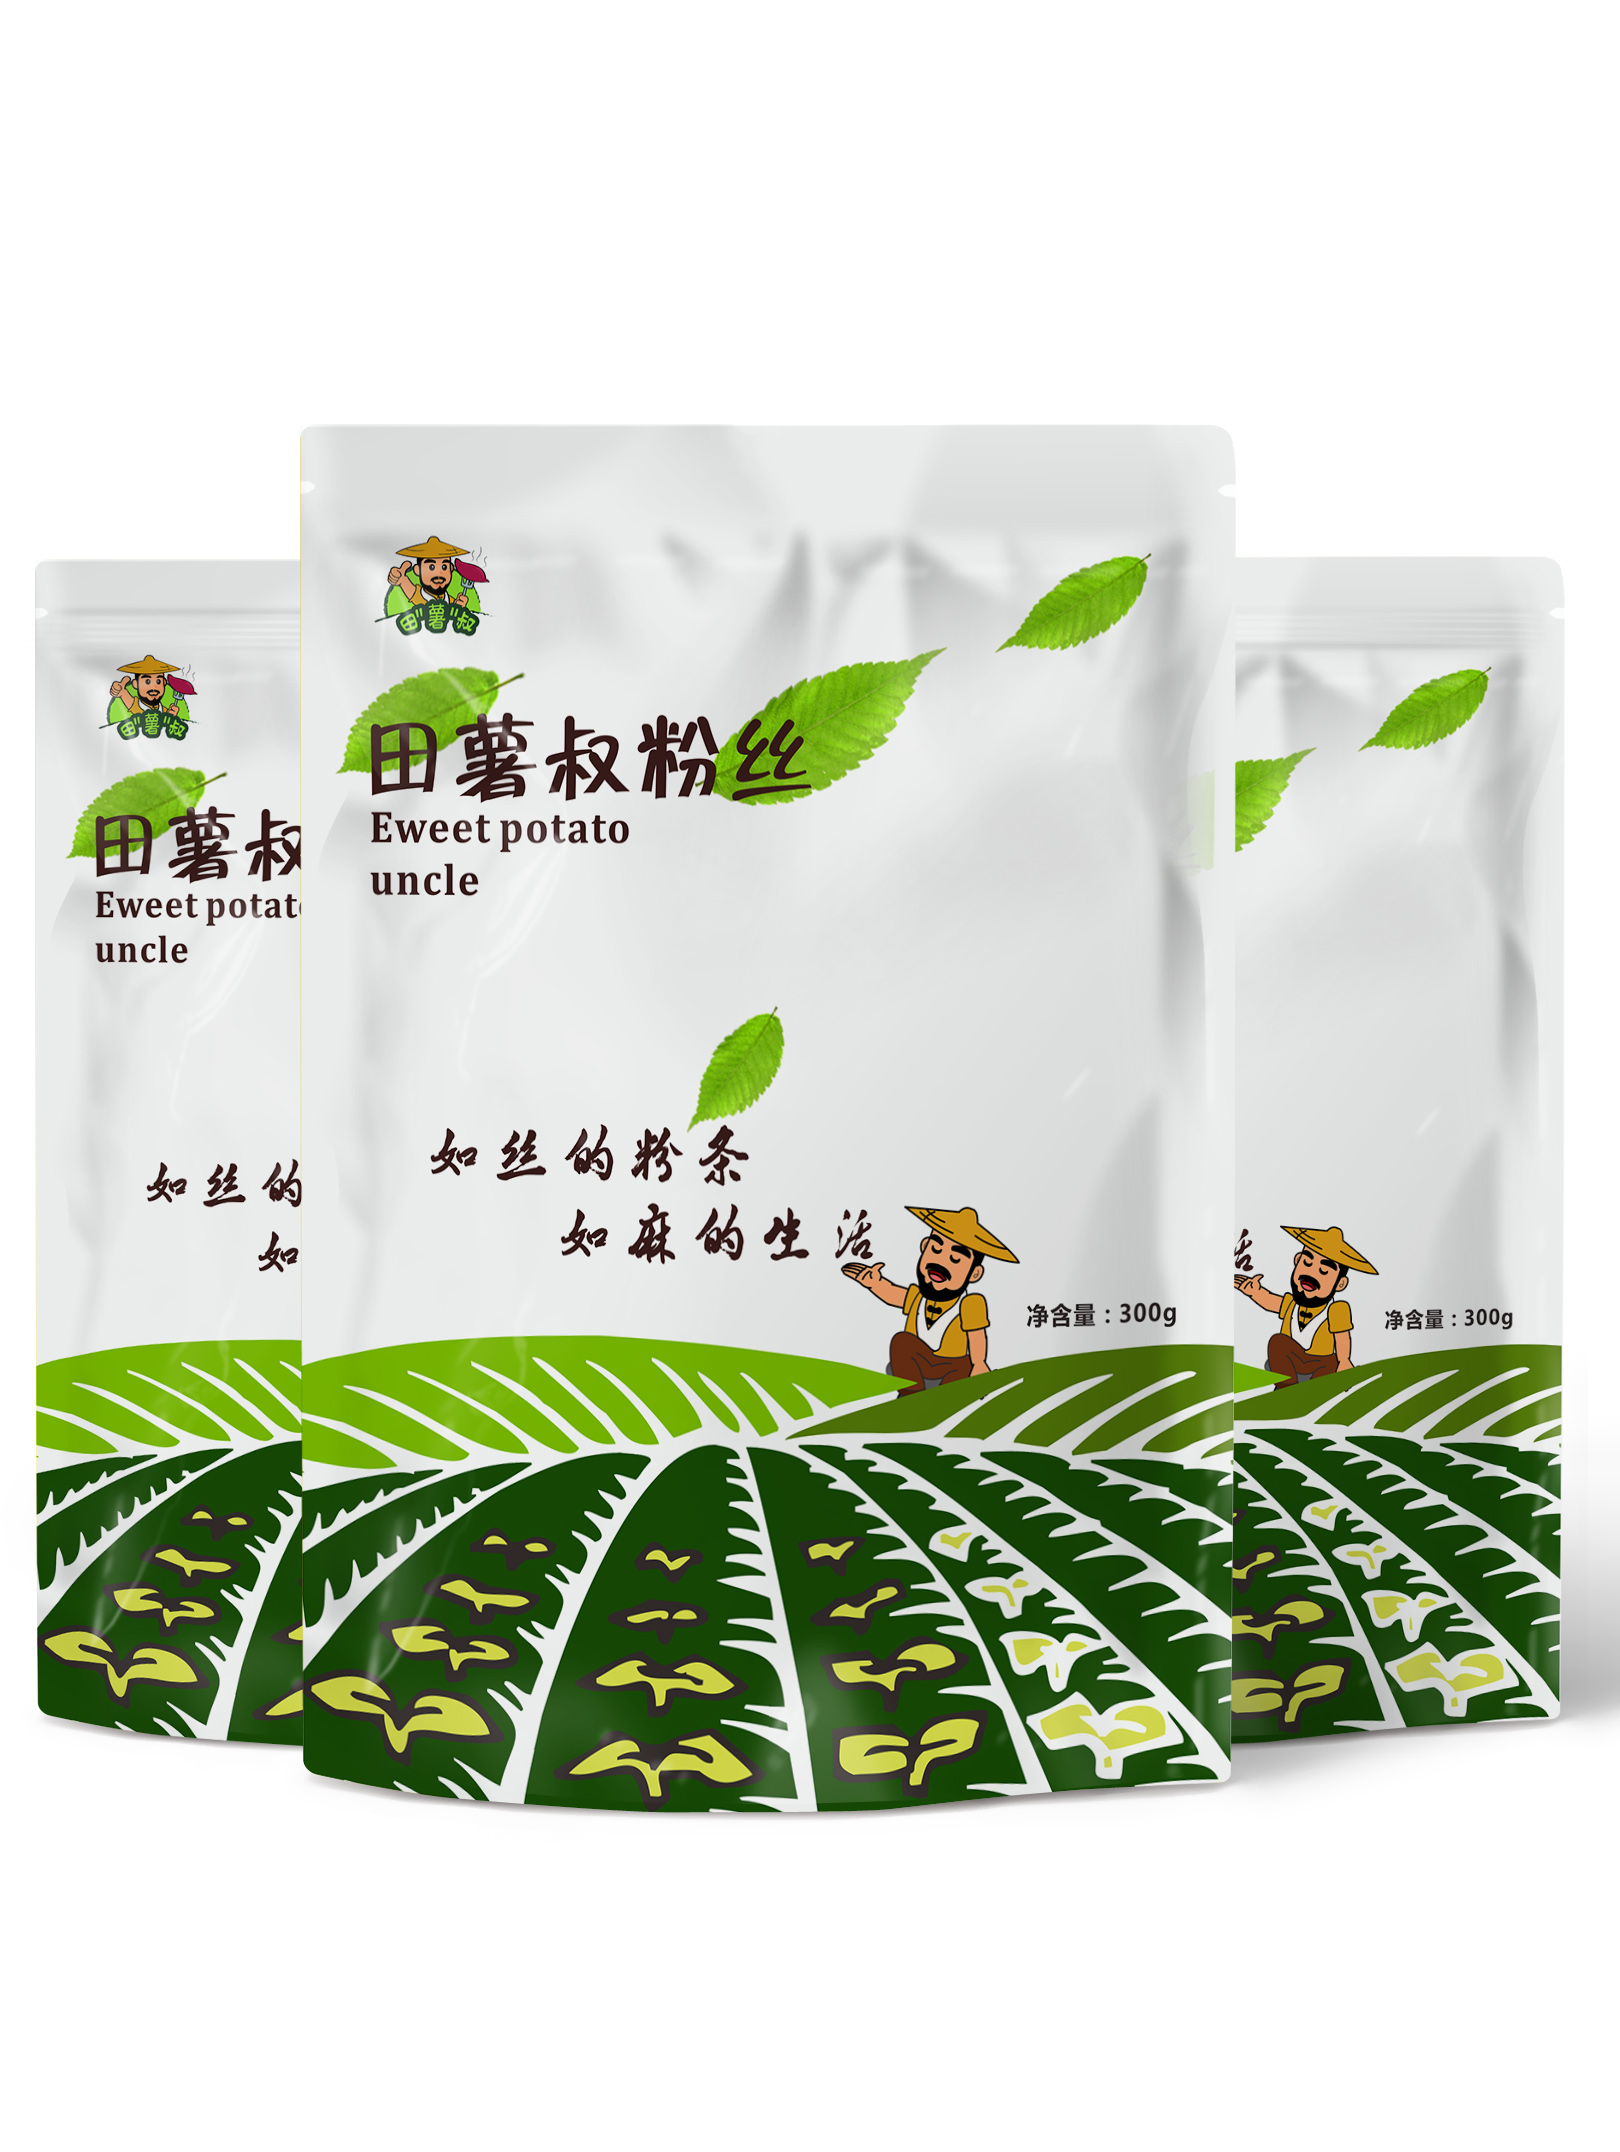 农产品饮料包装设计包装盒包装袋设计手提袋礼盒包装设计瓶贴标签